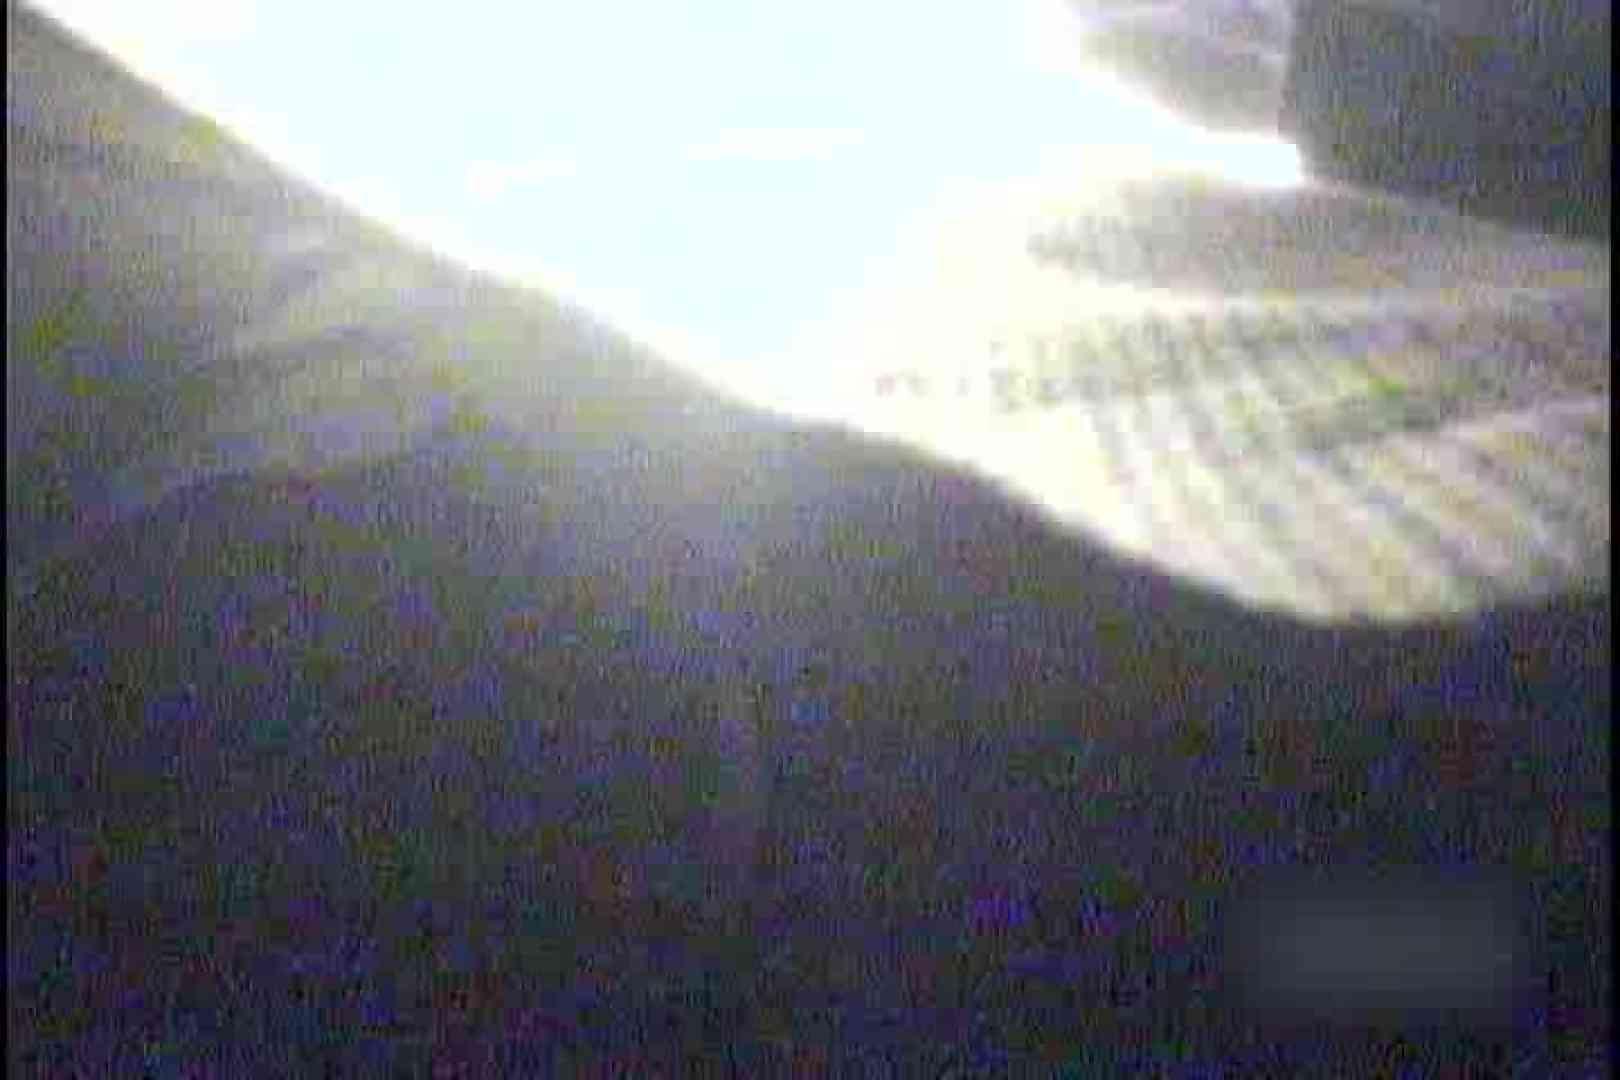 私鉄沿線美女限定パンティー丸覗き!!vol.03 美しいOLの裸体  83pic 45